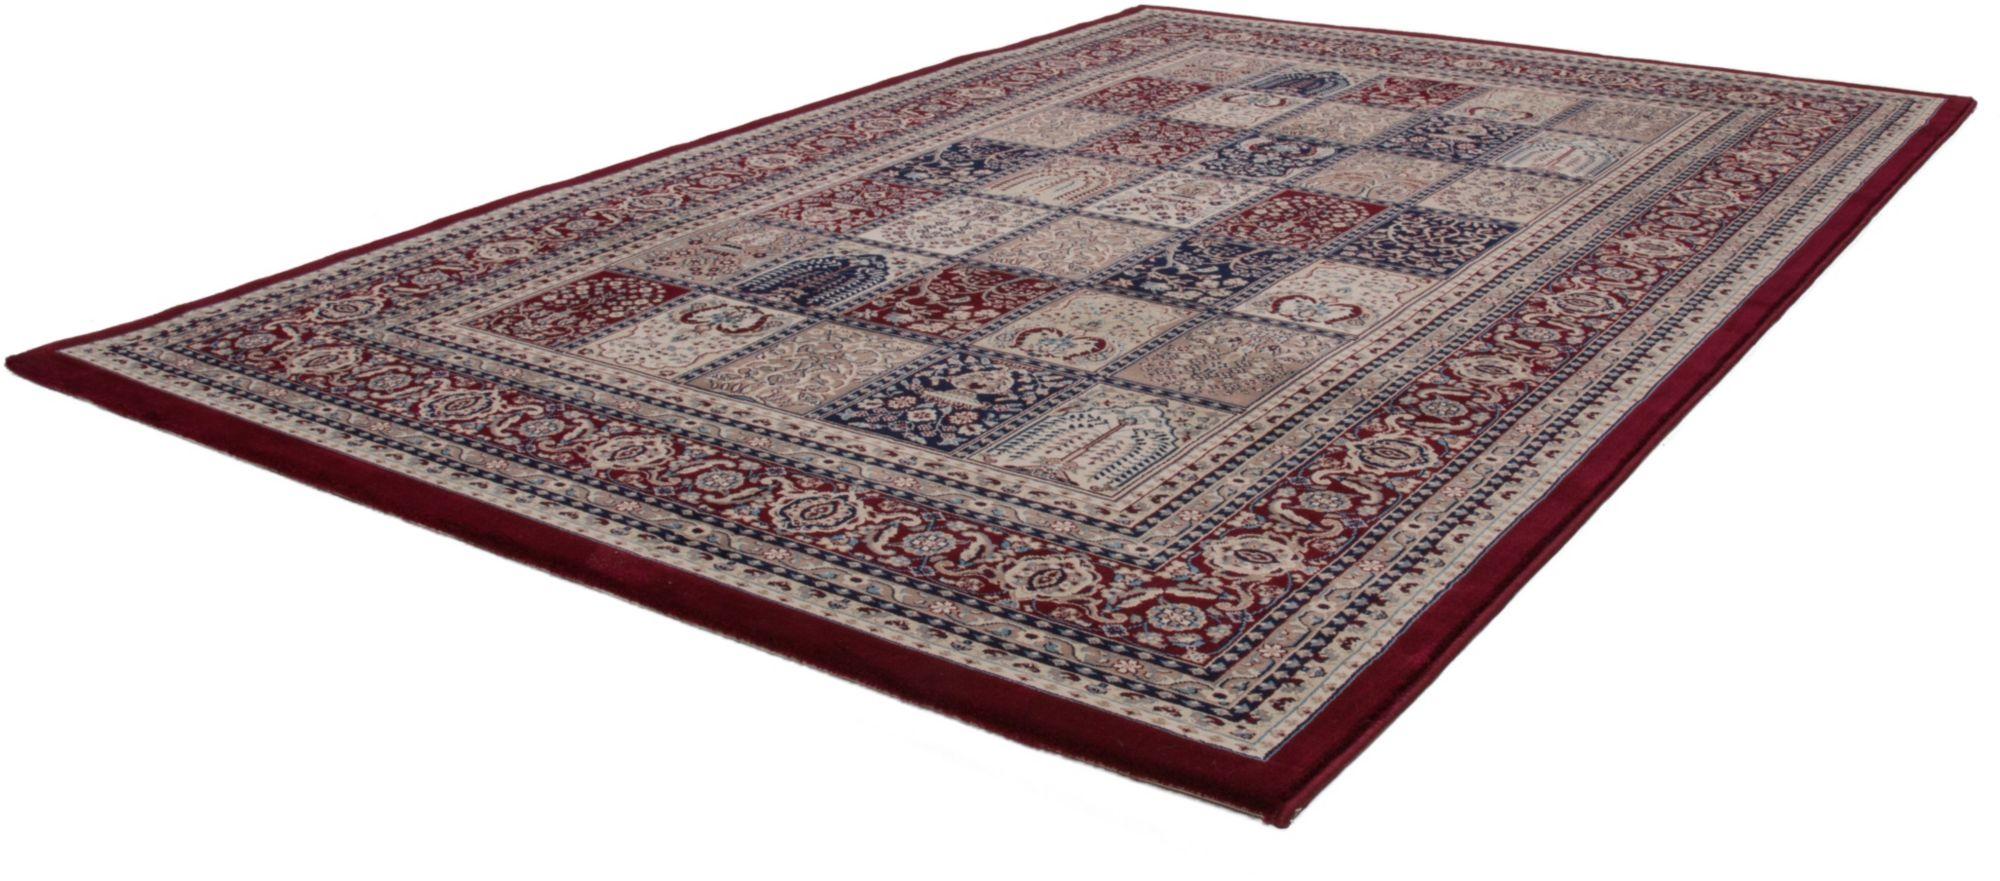 Orientteppich, »Mashad 132«, Lalee, rechteckig, Höhe 15 mm, maschinell gewebt